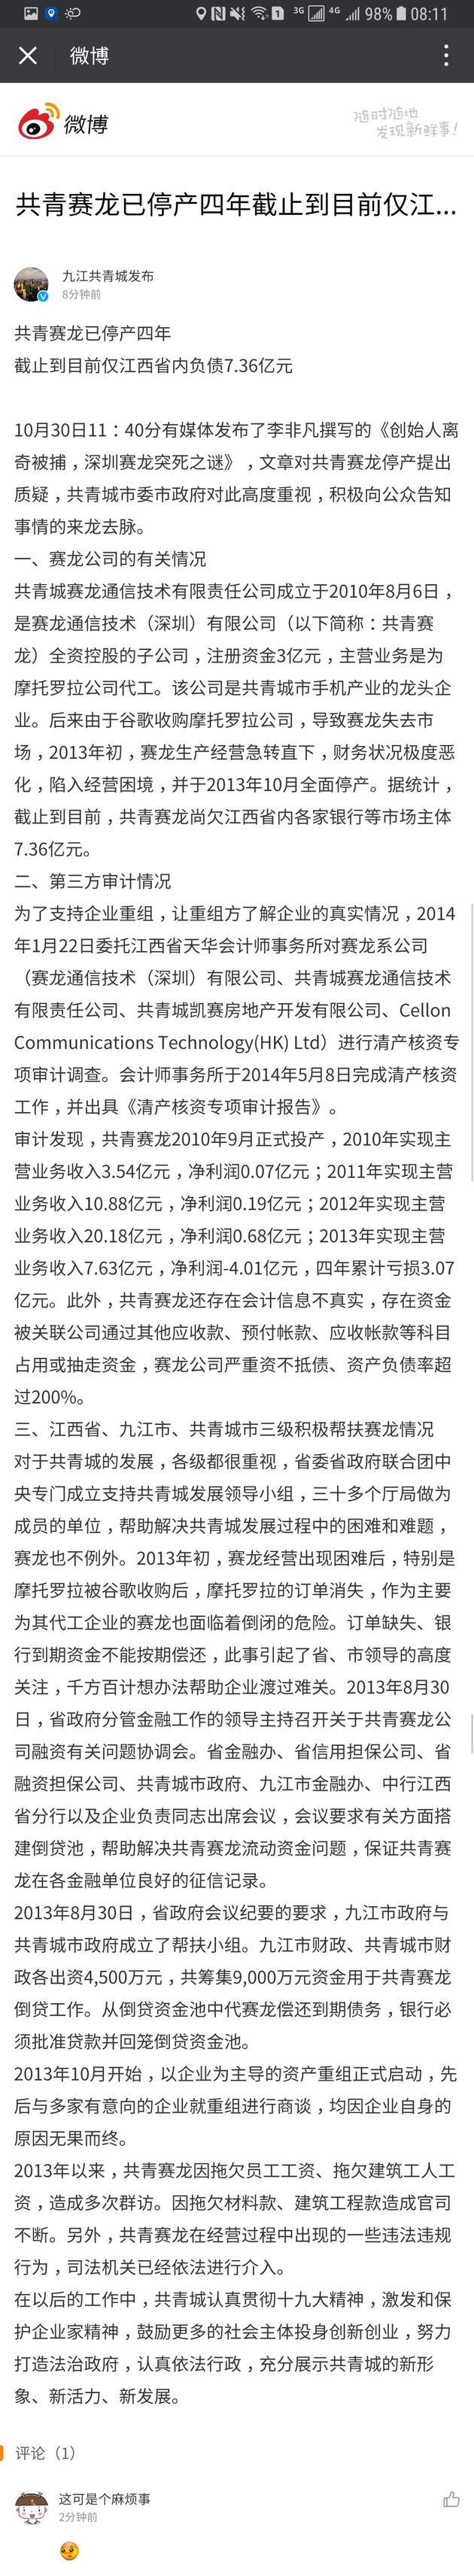 @九江共青城发布 官方微博截图